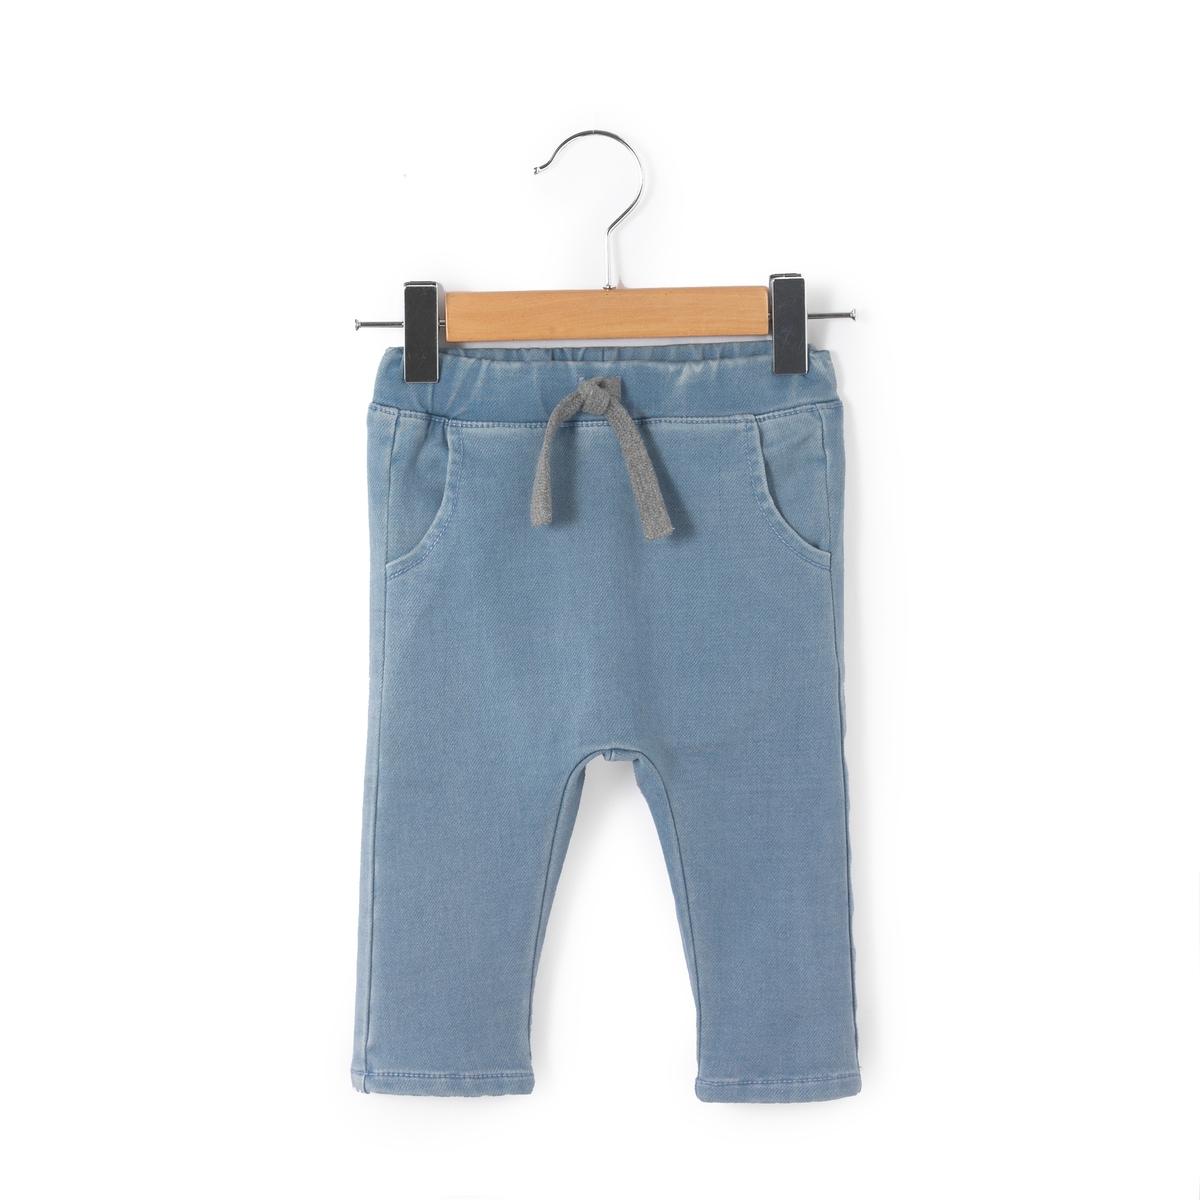 Шаровары из джинсовой ткани, 0 мес. - 3 годаШаровары из джинсовой ткани. Эластичный пояс с завязками. 2 кармана спереди и 2 кармана сзади. Состав и описание : Материал       деним стретч, 56% хлопка, 39% полиэстера, 4% вискозы, 1% эластана Марка       R miniУход :Машинная стирка при 40 °С с вещами схожих цветов.Стирать, сушить и гладить с изнаночной стороны.Машинная сушка в умеренном режиме.Гладить при низкой температуре.<br><br>Цвет: светлый деним<br>Размер: 0 мес. - 50 см.1 год - 74 см.9 мес. - 71 см.6 мес. - 67 см.3 мес. - 60 см.1 мес. - 54 см